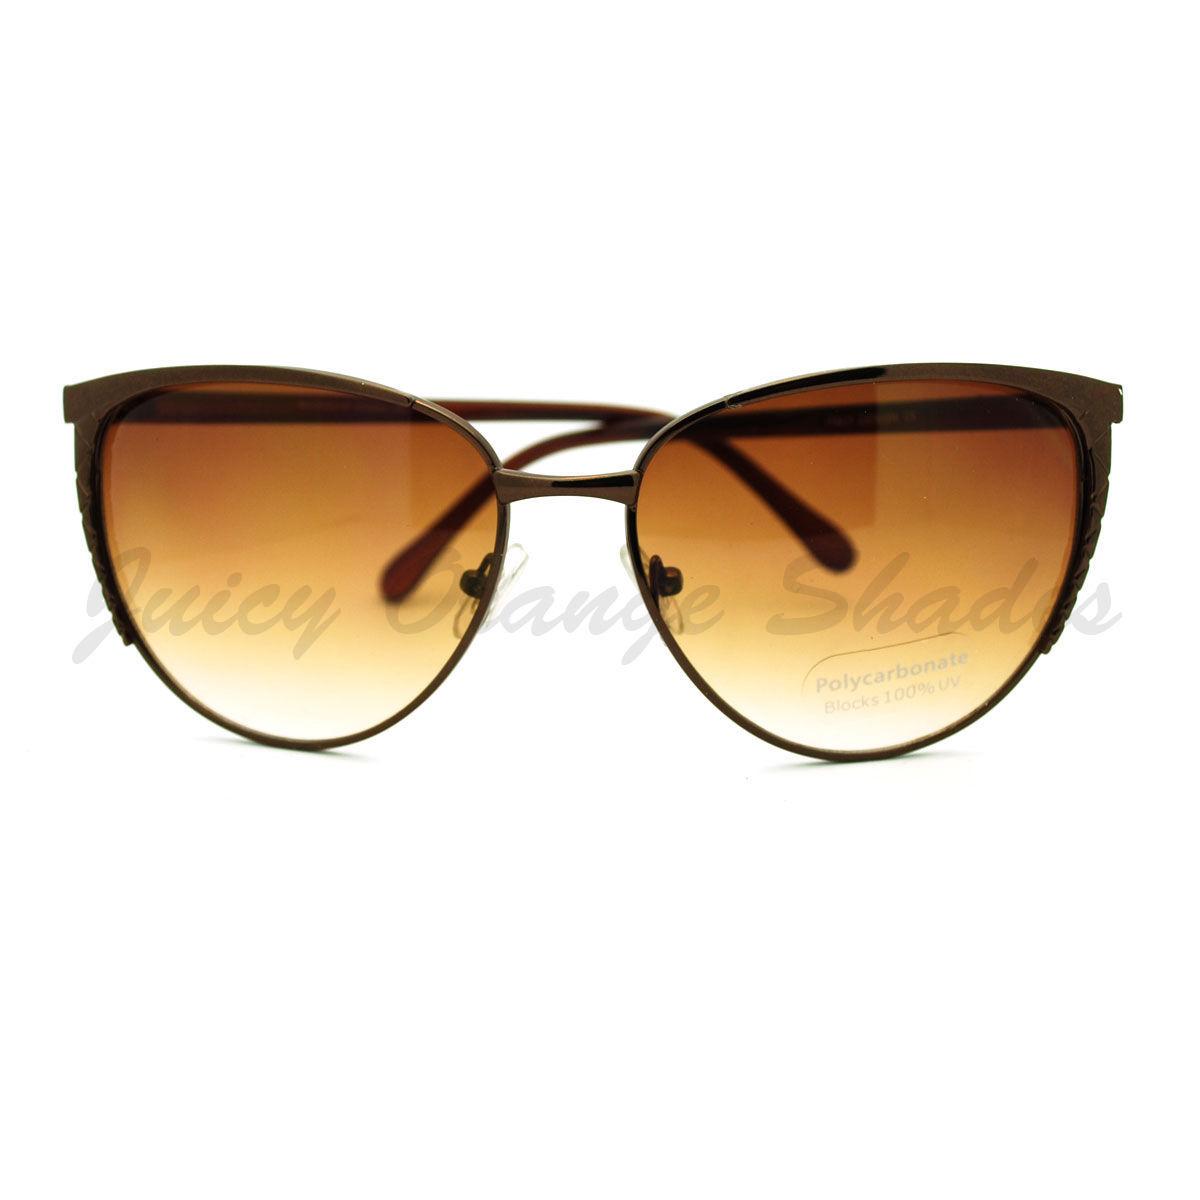 Womens Round Cateye Sunglasses Thin Metal Feminine Style